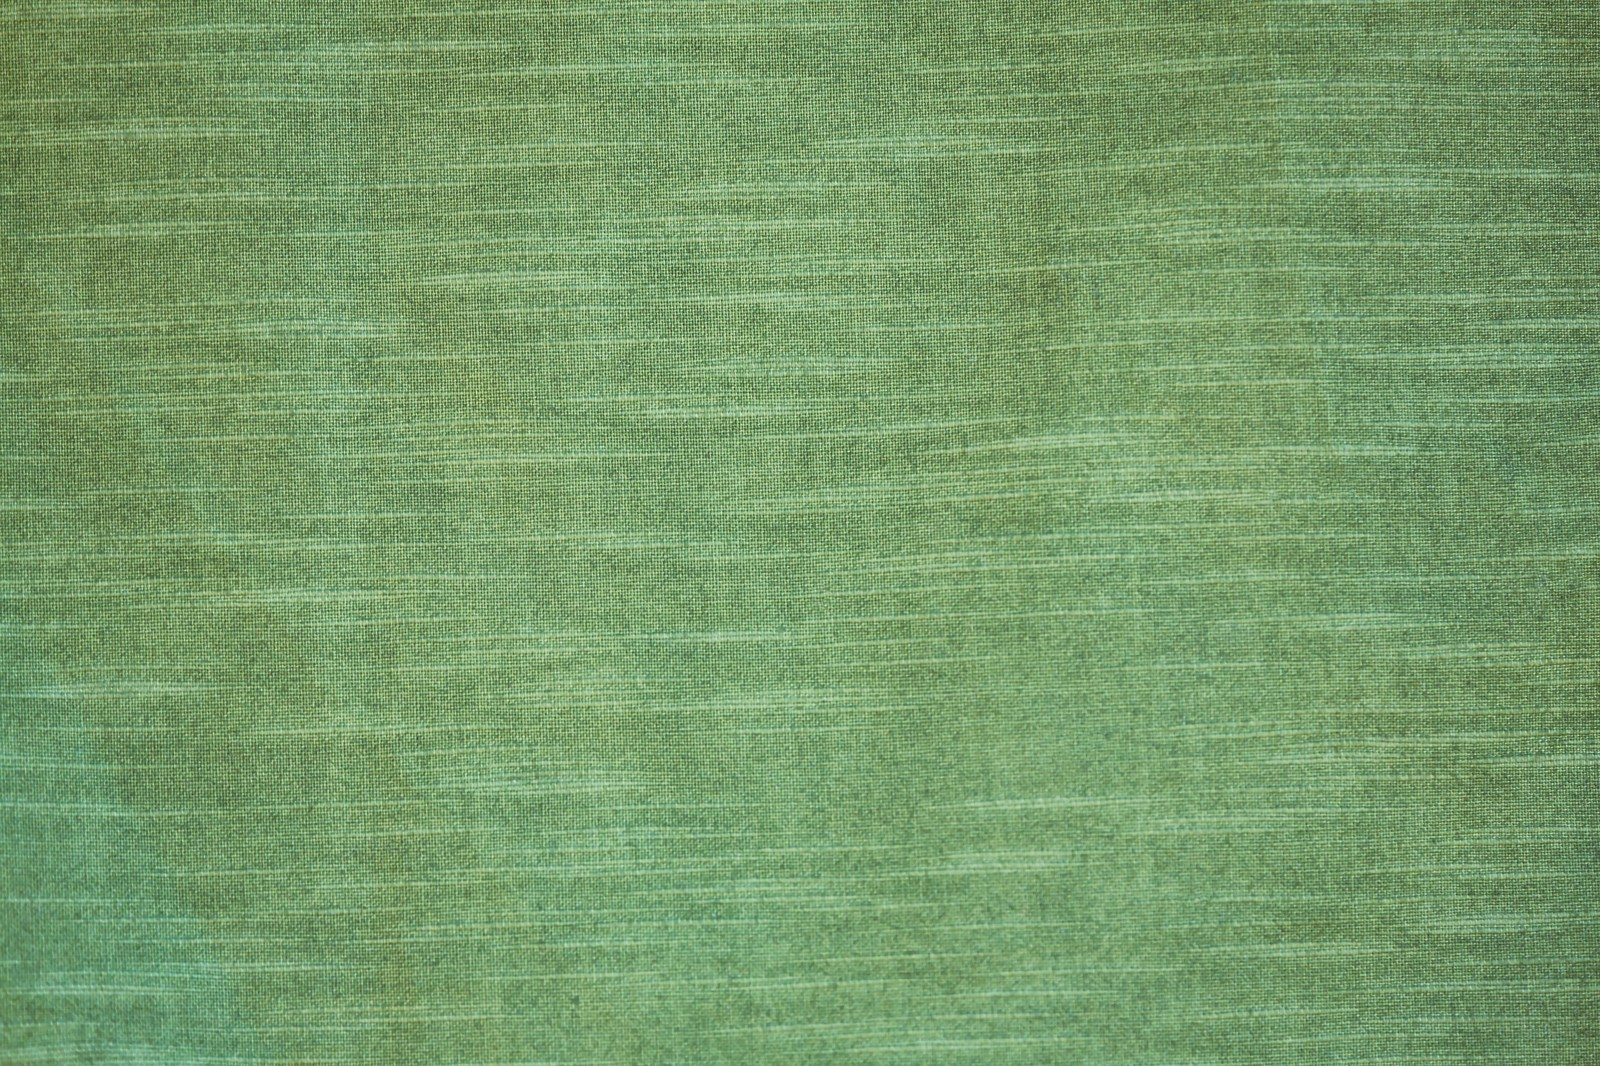 「ウグイス色の生地(テクスチャー) | 写真の無料素材・フリー素材 - ぱくたそ」の写真